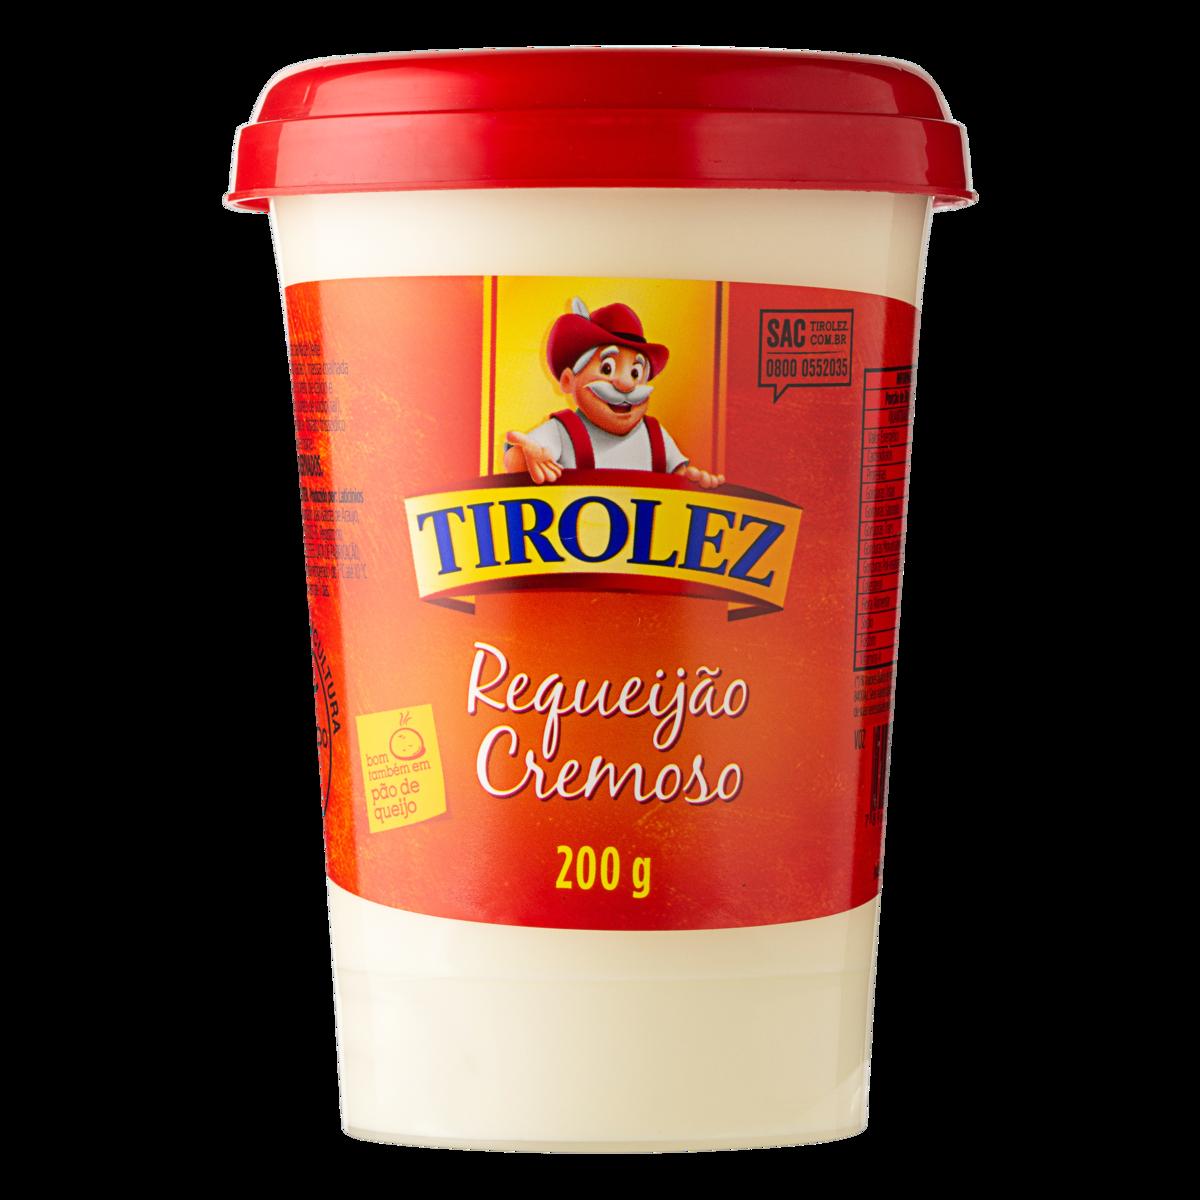 Cheese Requeijao Tirolez